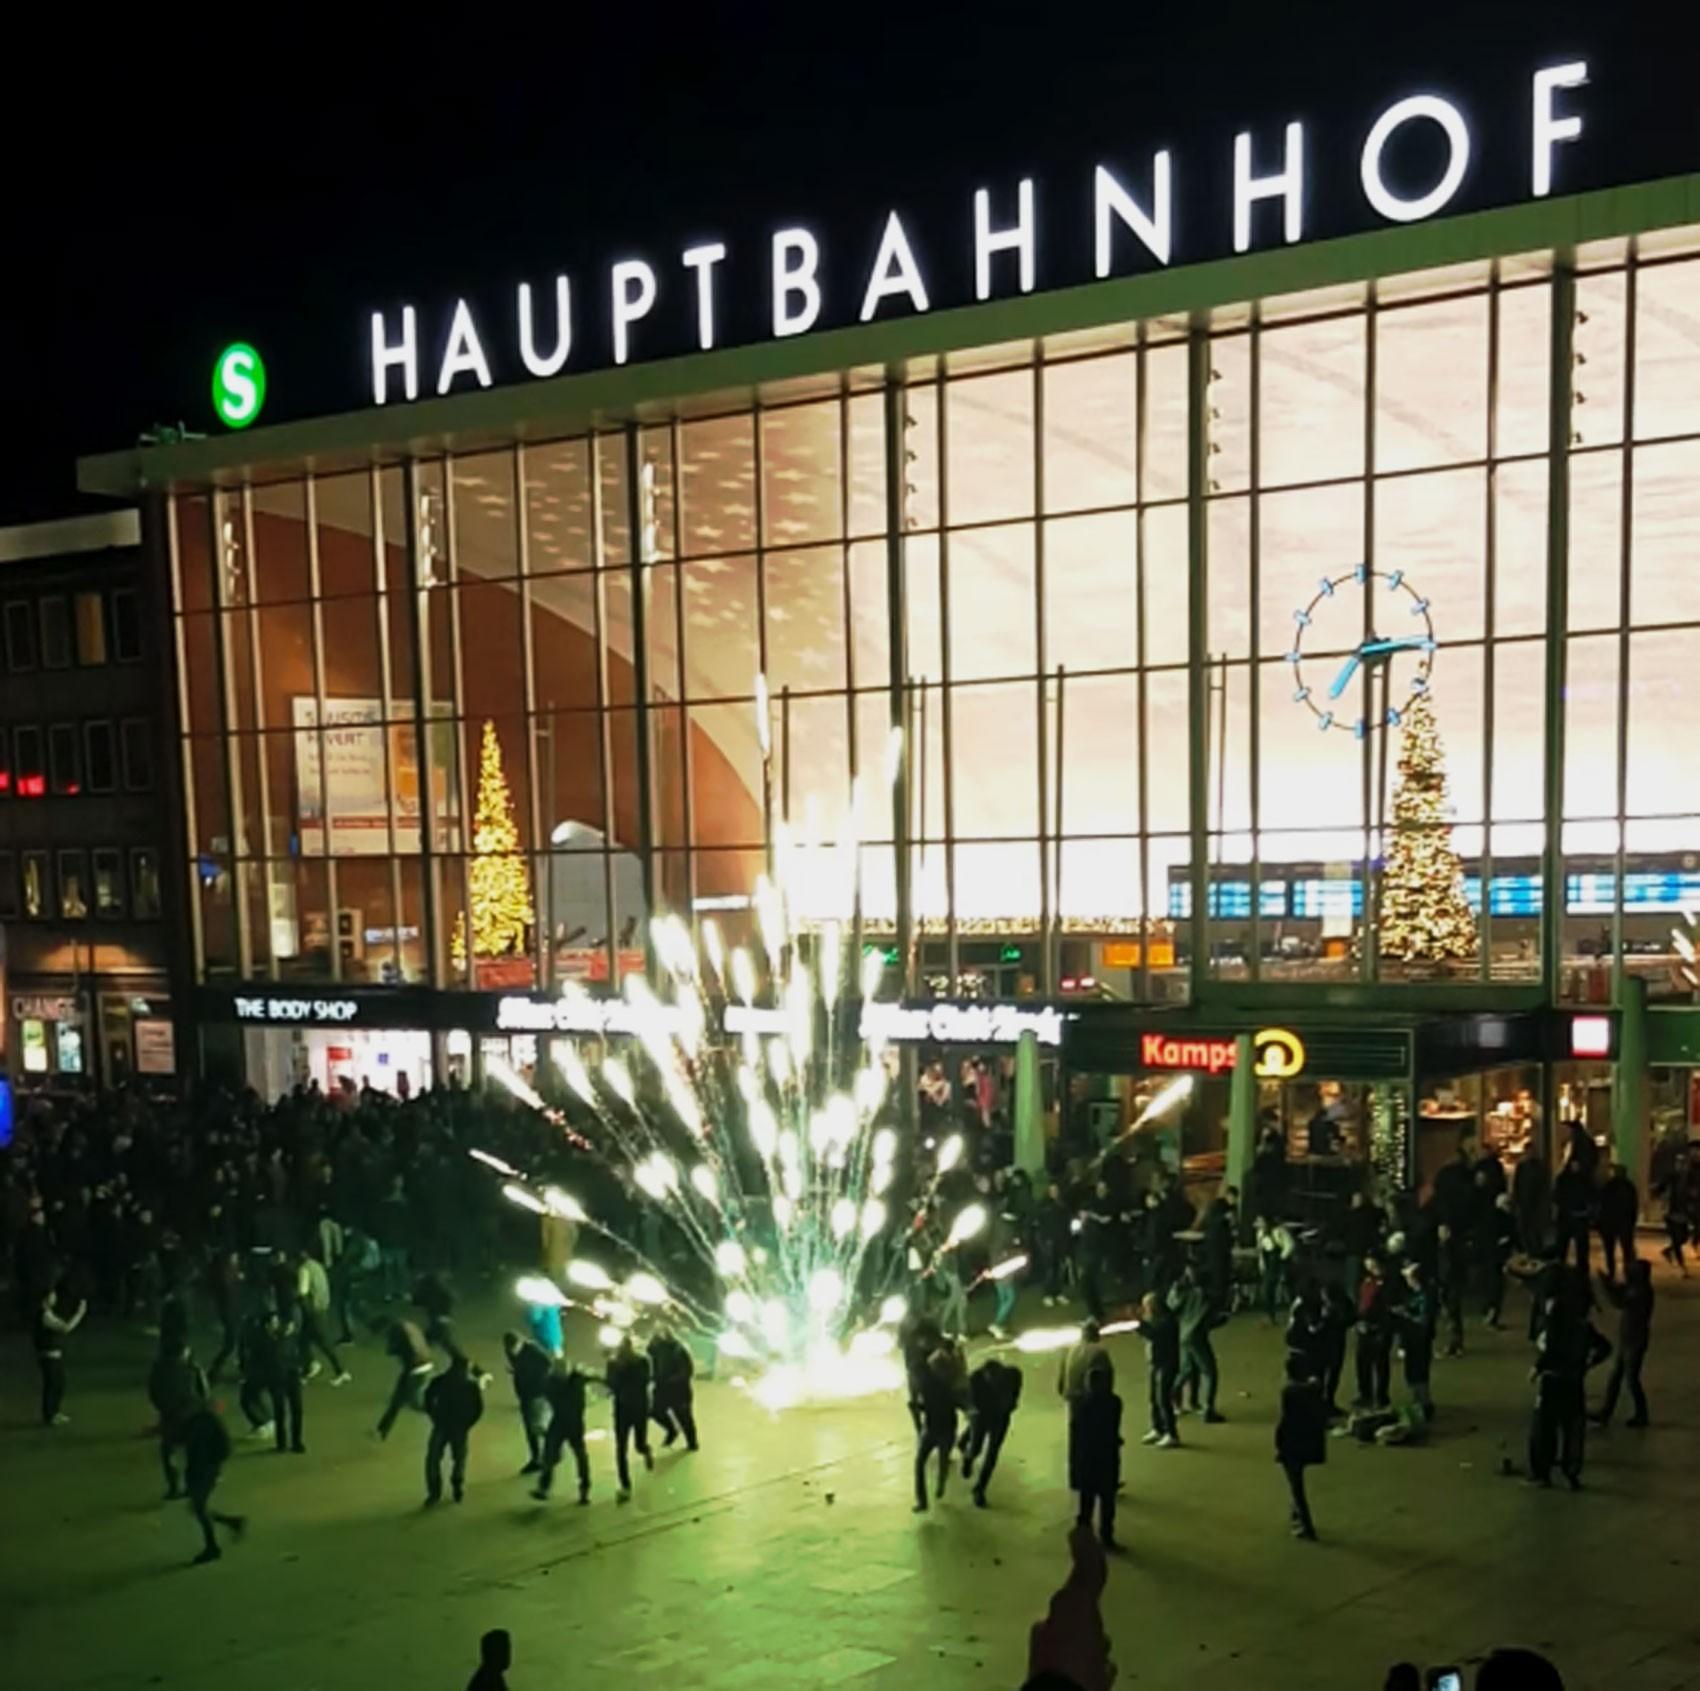 Imagem de vídeo publicado na internet mostra o momento em que um fogo de artifício explode no meio da multidão diante da estação central de Colônia na noite de réveillon (Foto: Reprodução/Youtube/Baris Olsun)